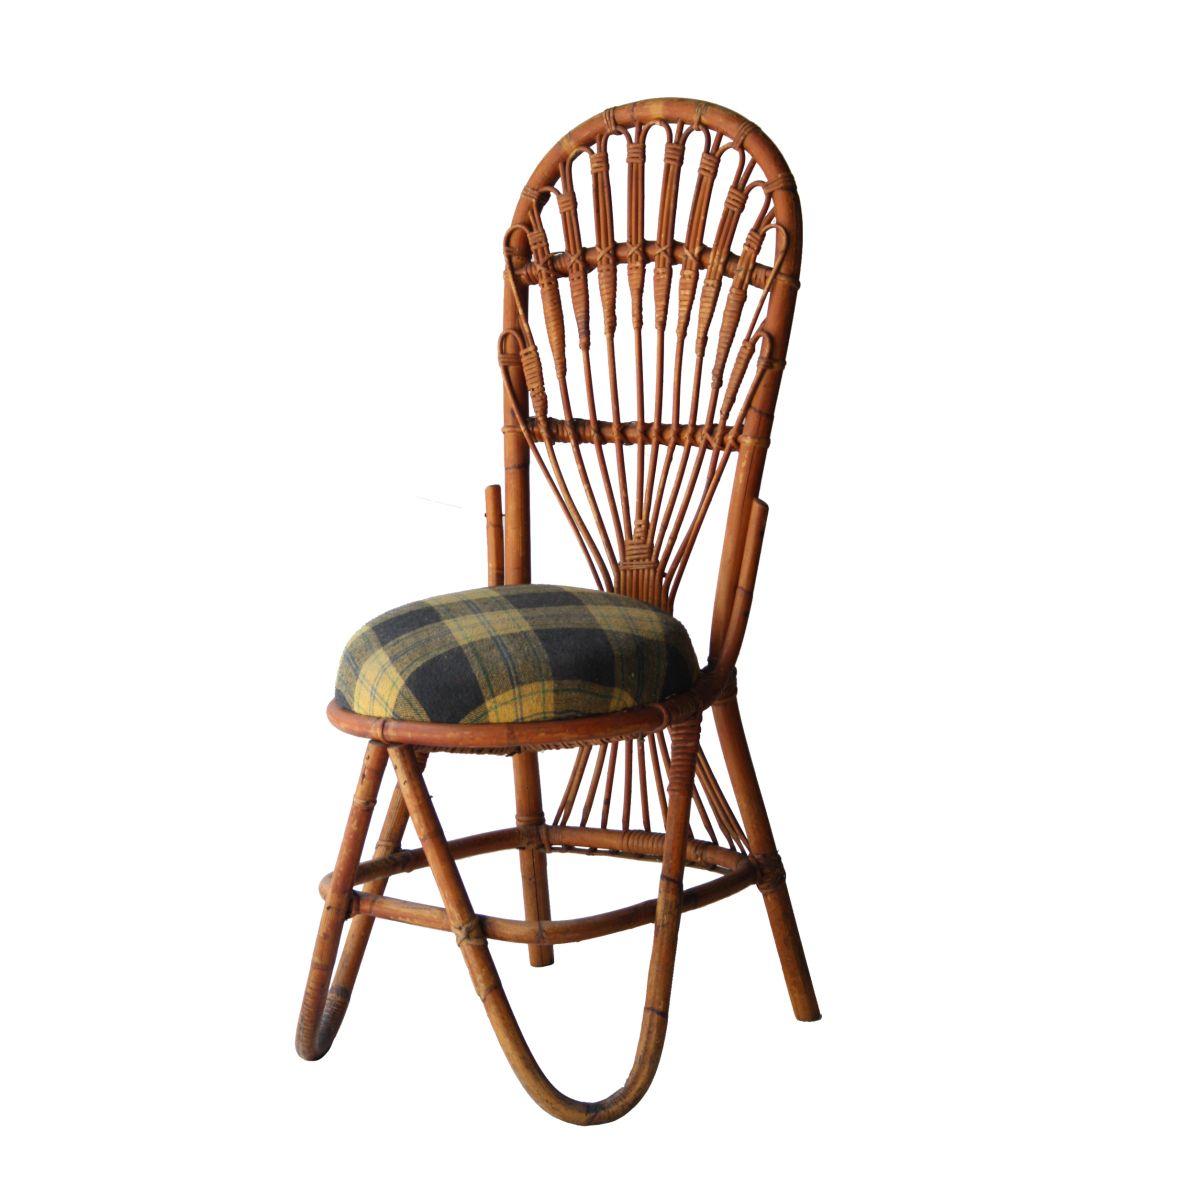 französischer bambus stuhl, 1960er jetzt bestellen unter: https